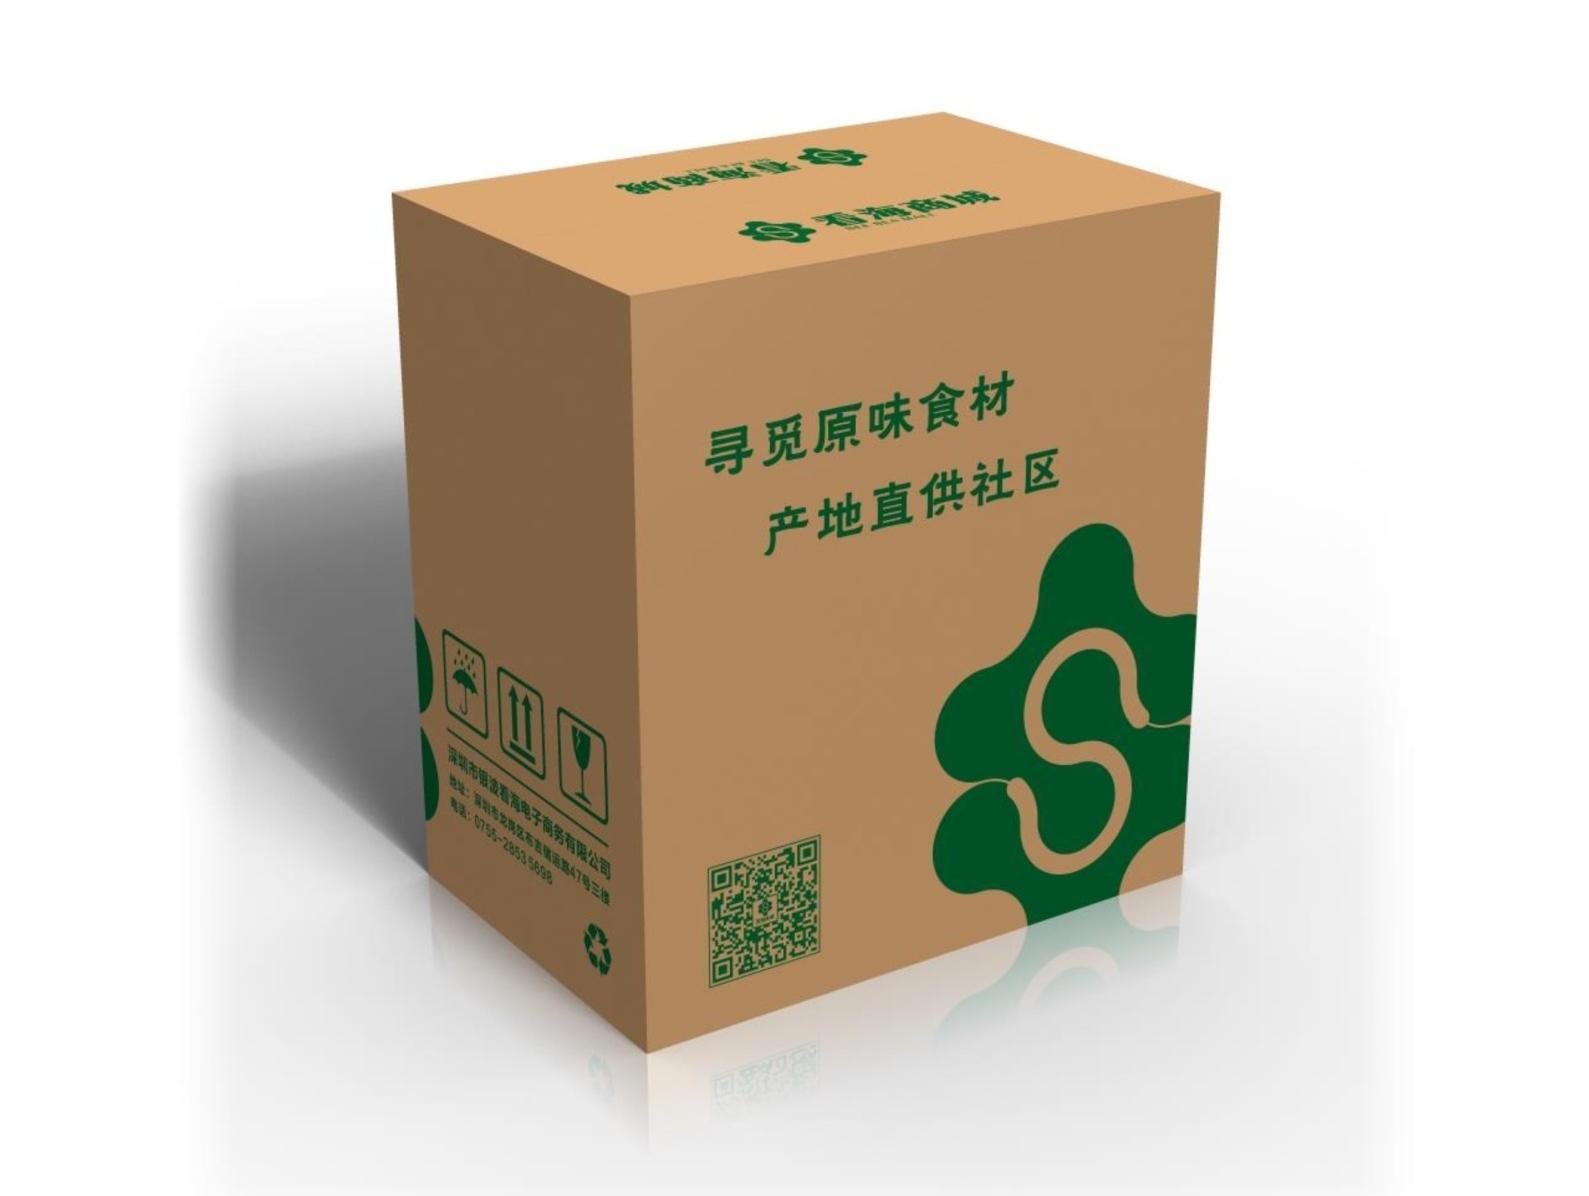 哈尔滨纸箱厂地址电话,就来永强纸箱厂 产品介绍